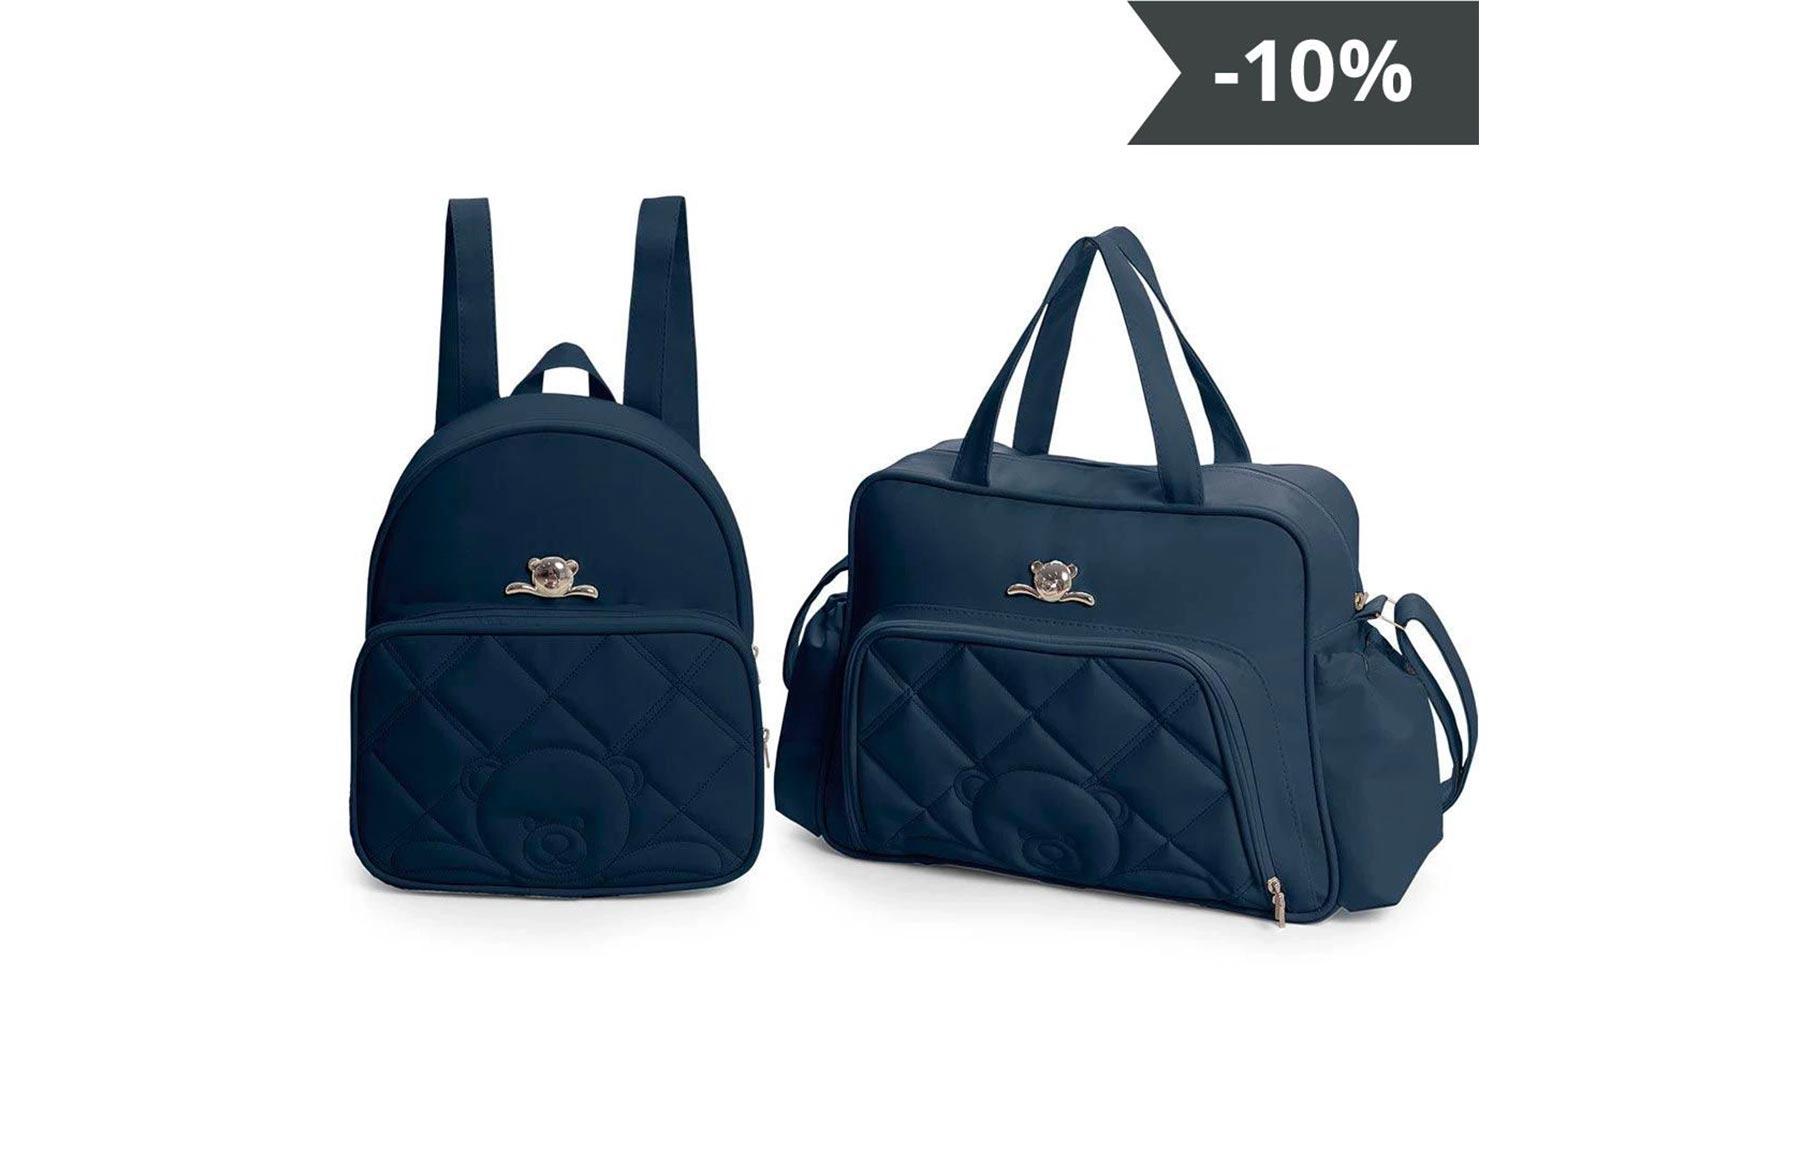 Kit de bolsas 2 peças linha Meu ursinho cor azul marinho